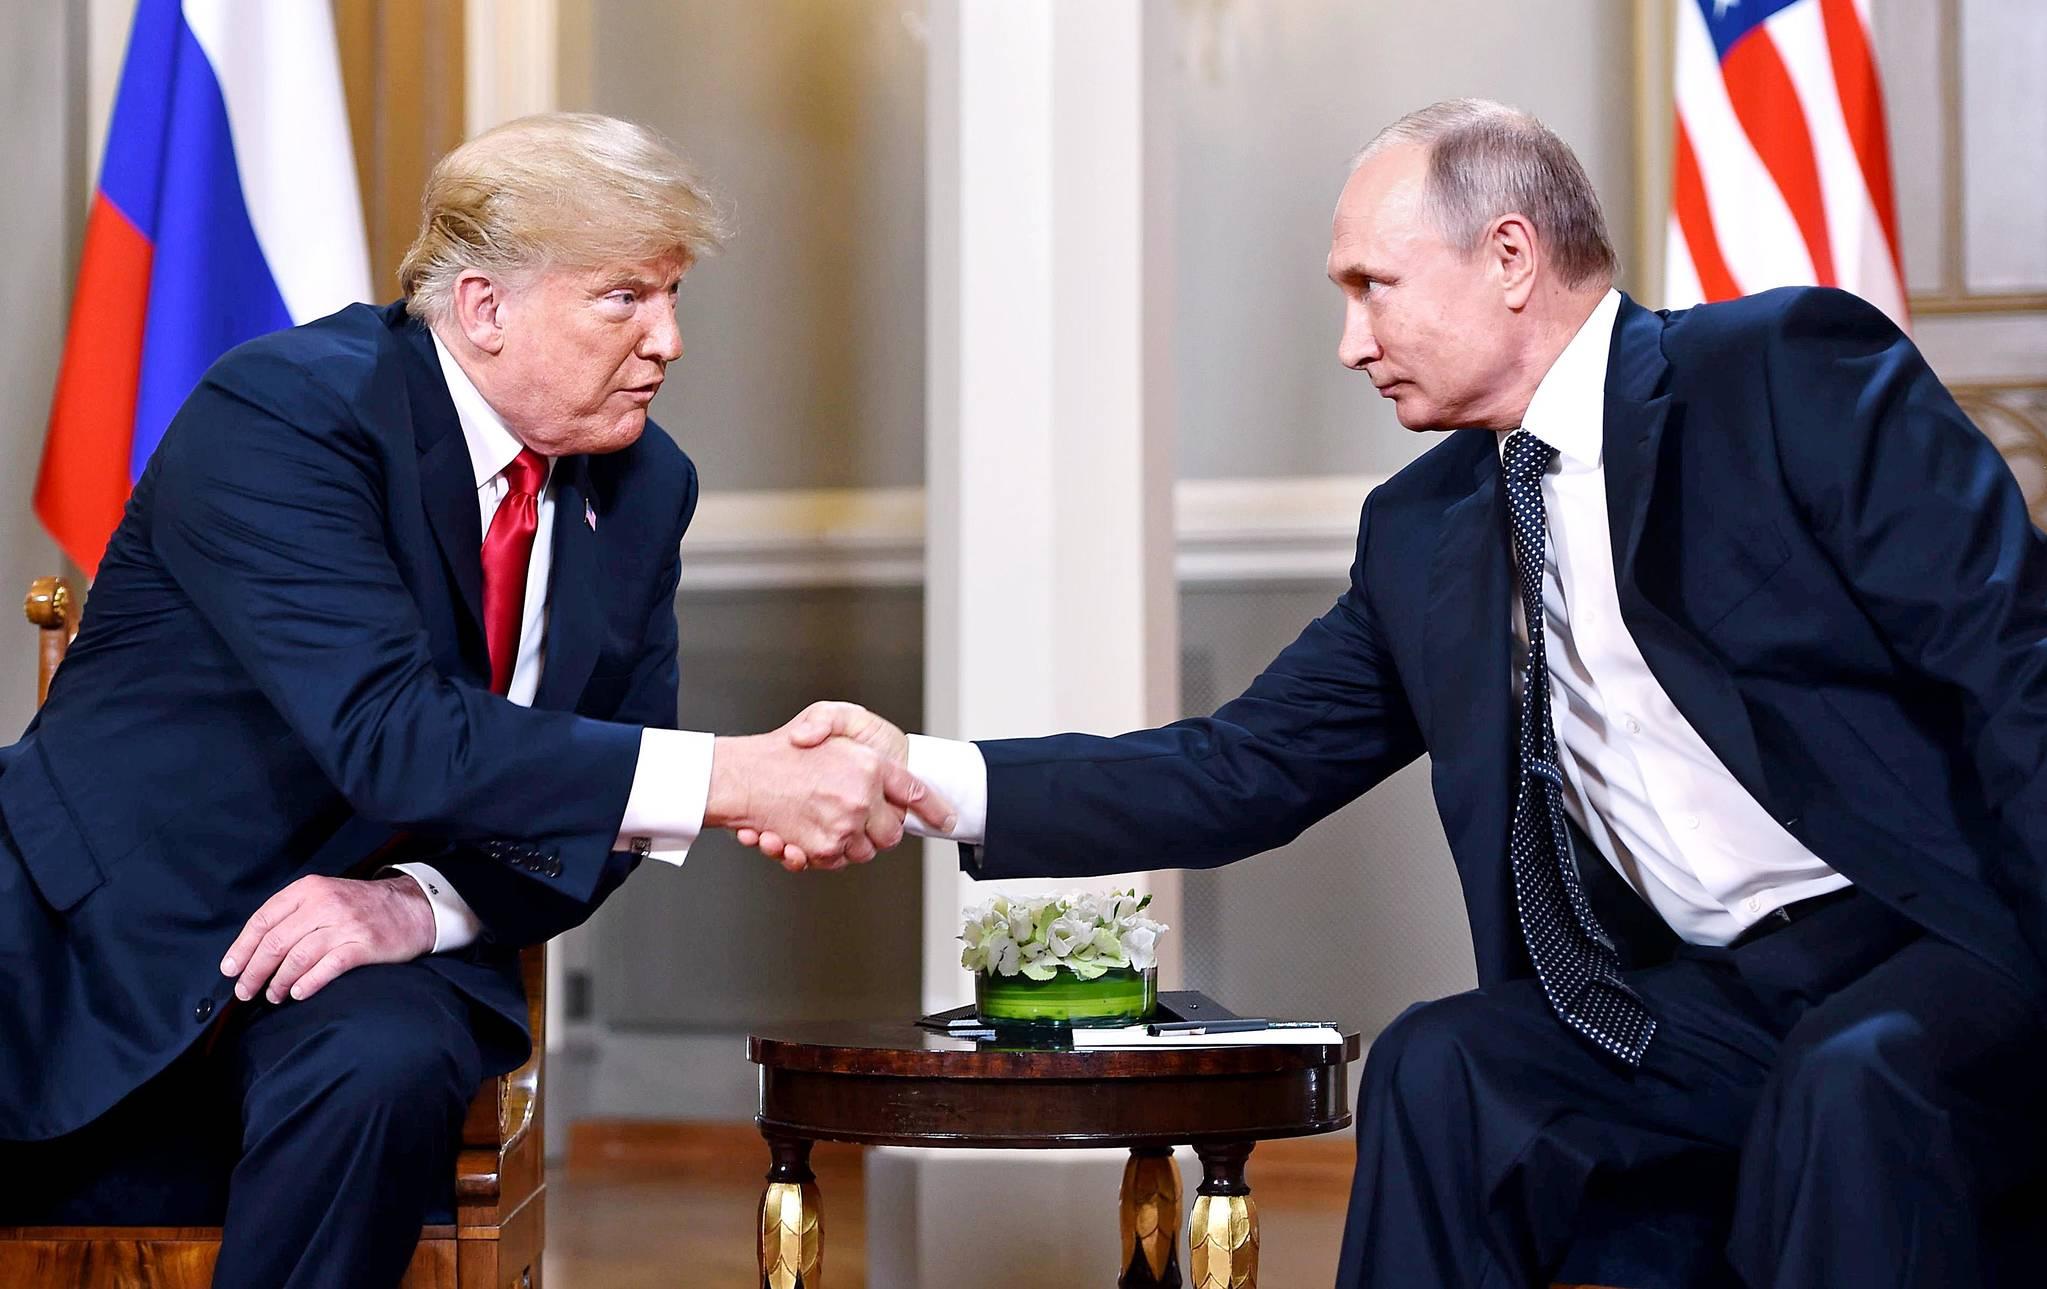 16일 핀란드 헬싱키 대통령궁에서 만난 트럼프 미국 대통령과 푸틴 러시아 대통령이 악수를 하고 있다. [연합뉴스]